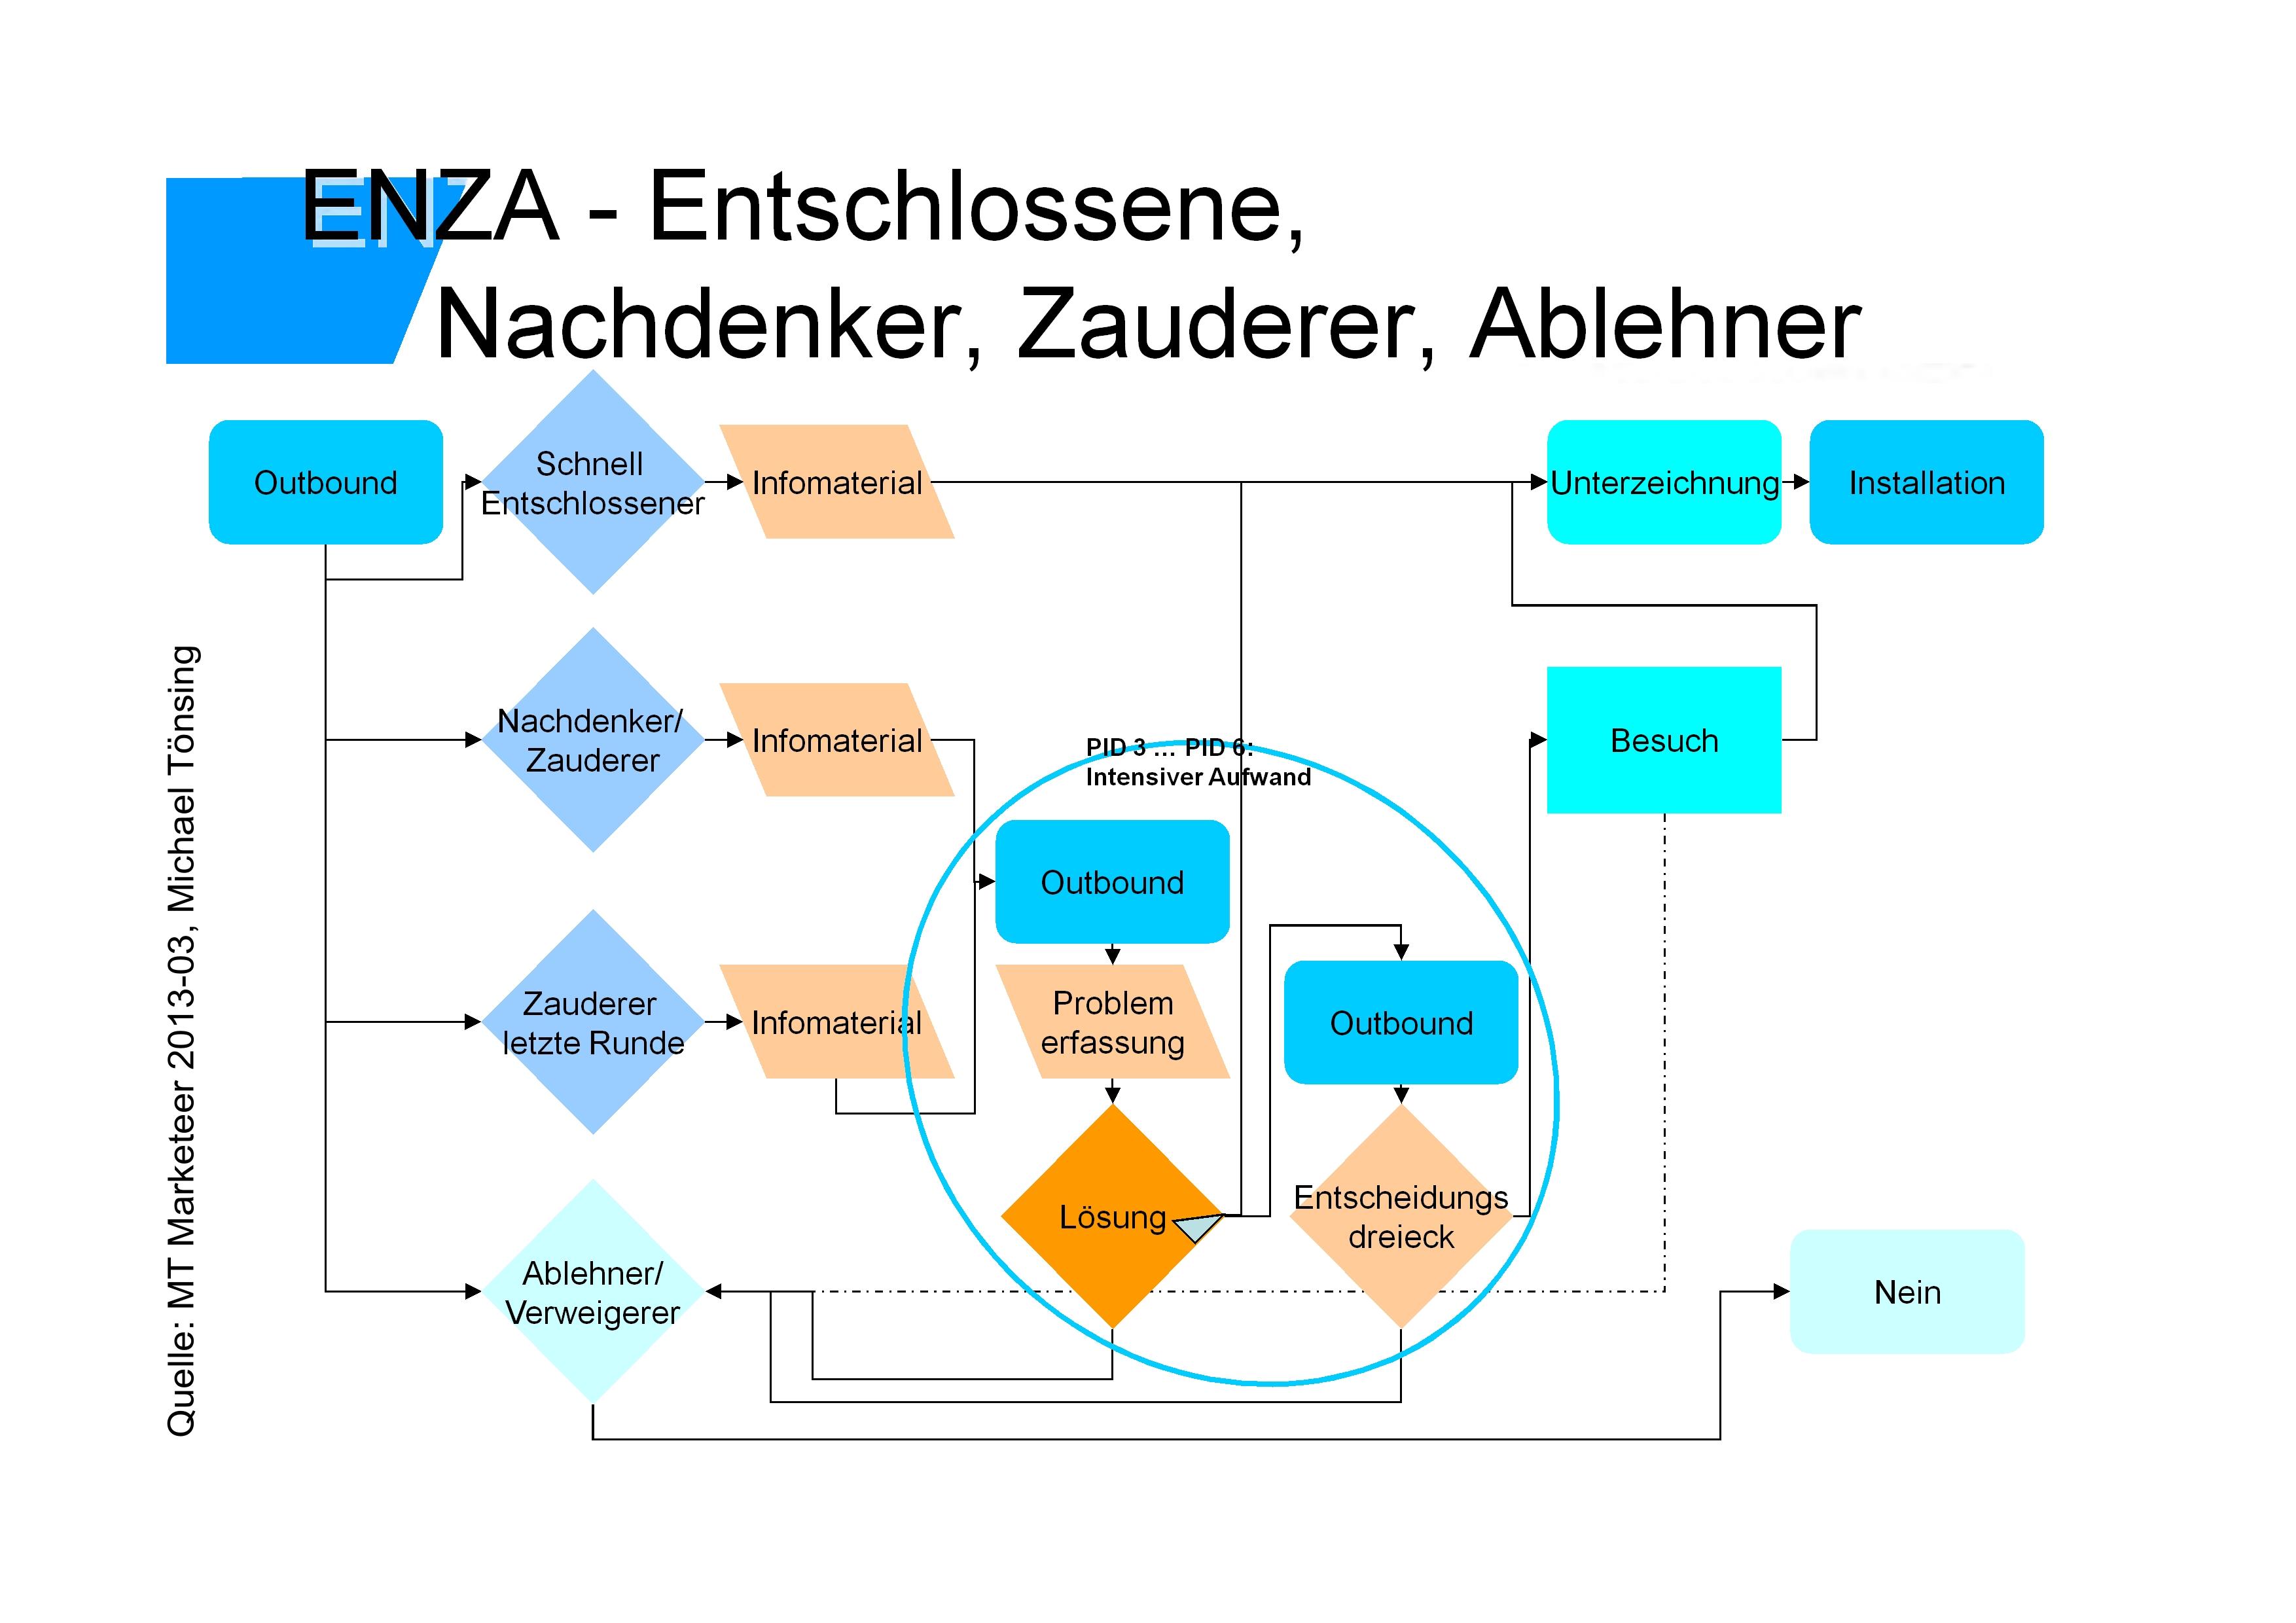 ENZA-Entschlossen,Nachdenker,Zauderer,Ablehner - Quelle: MT Marketeer, Michael Tönsing